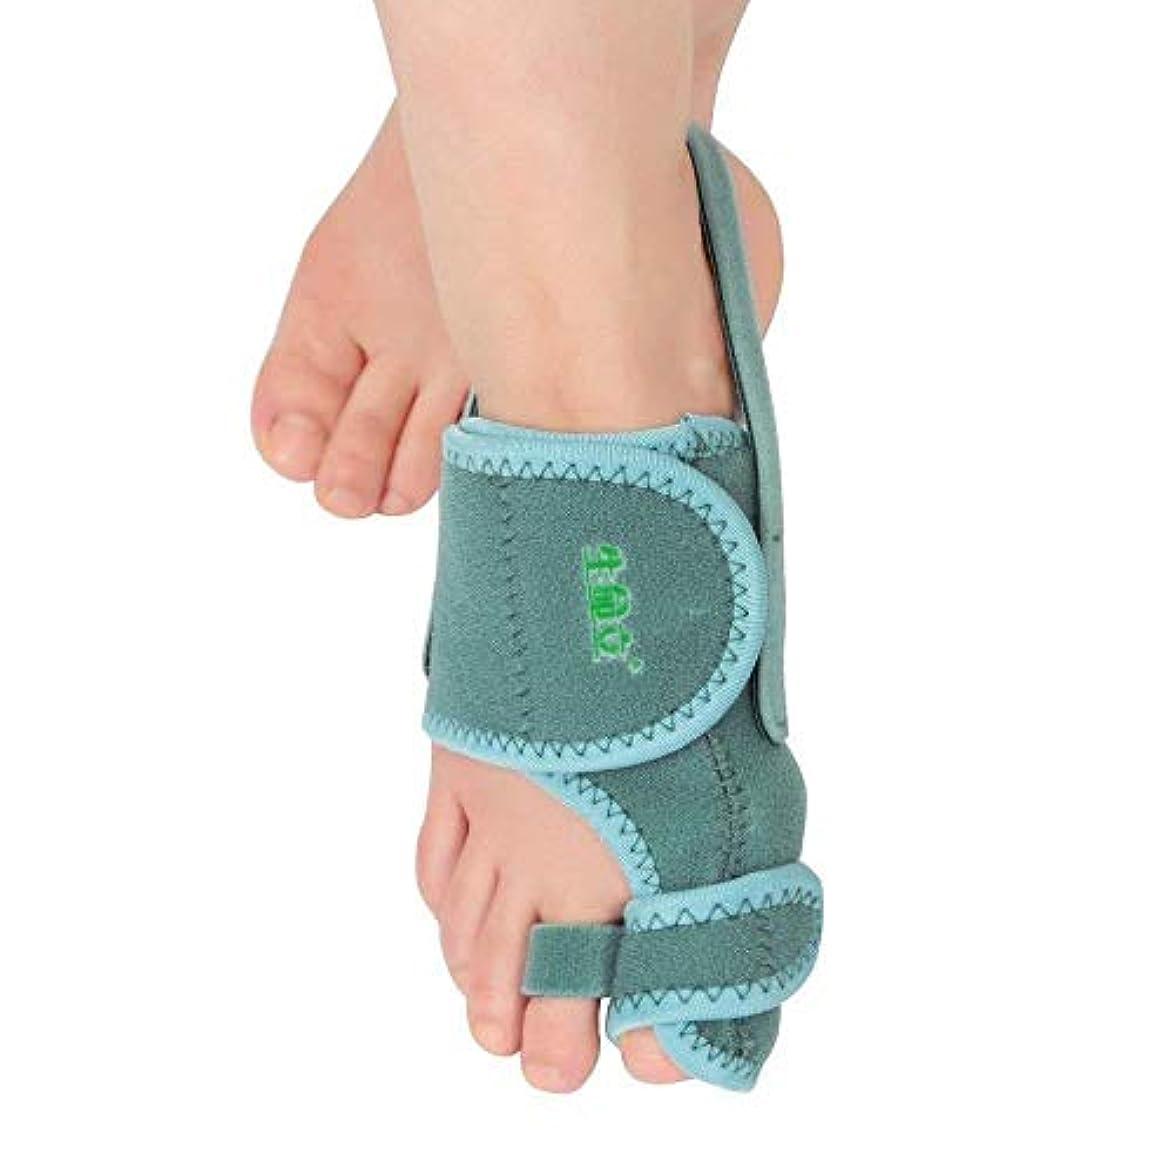 編集者裂け目顕著外反母ortho装具、女性と男性の足の親指の矯正用セパレーターの腱膜瘤緩和のための夜間親指つま先外反,Left Foot